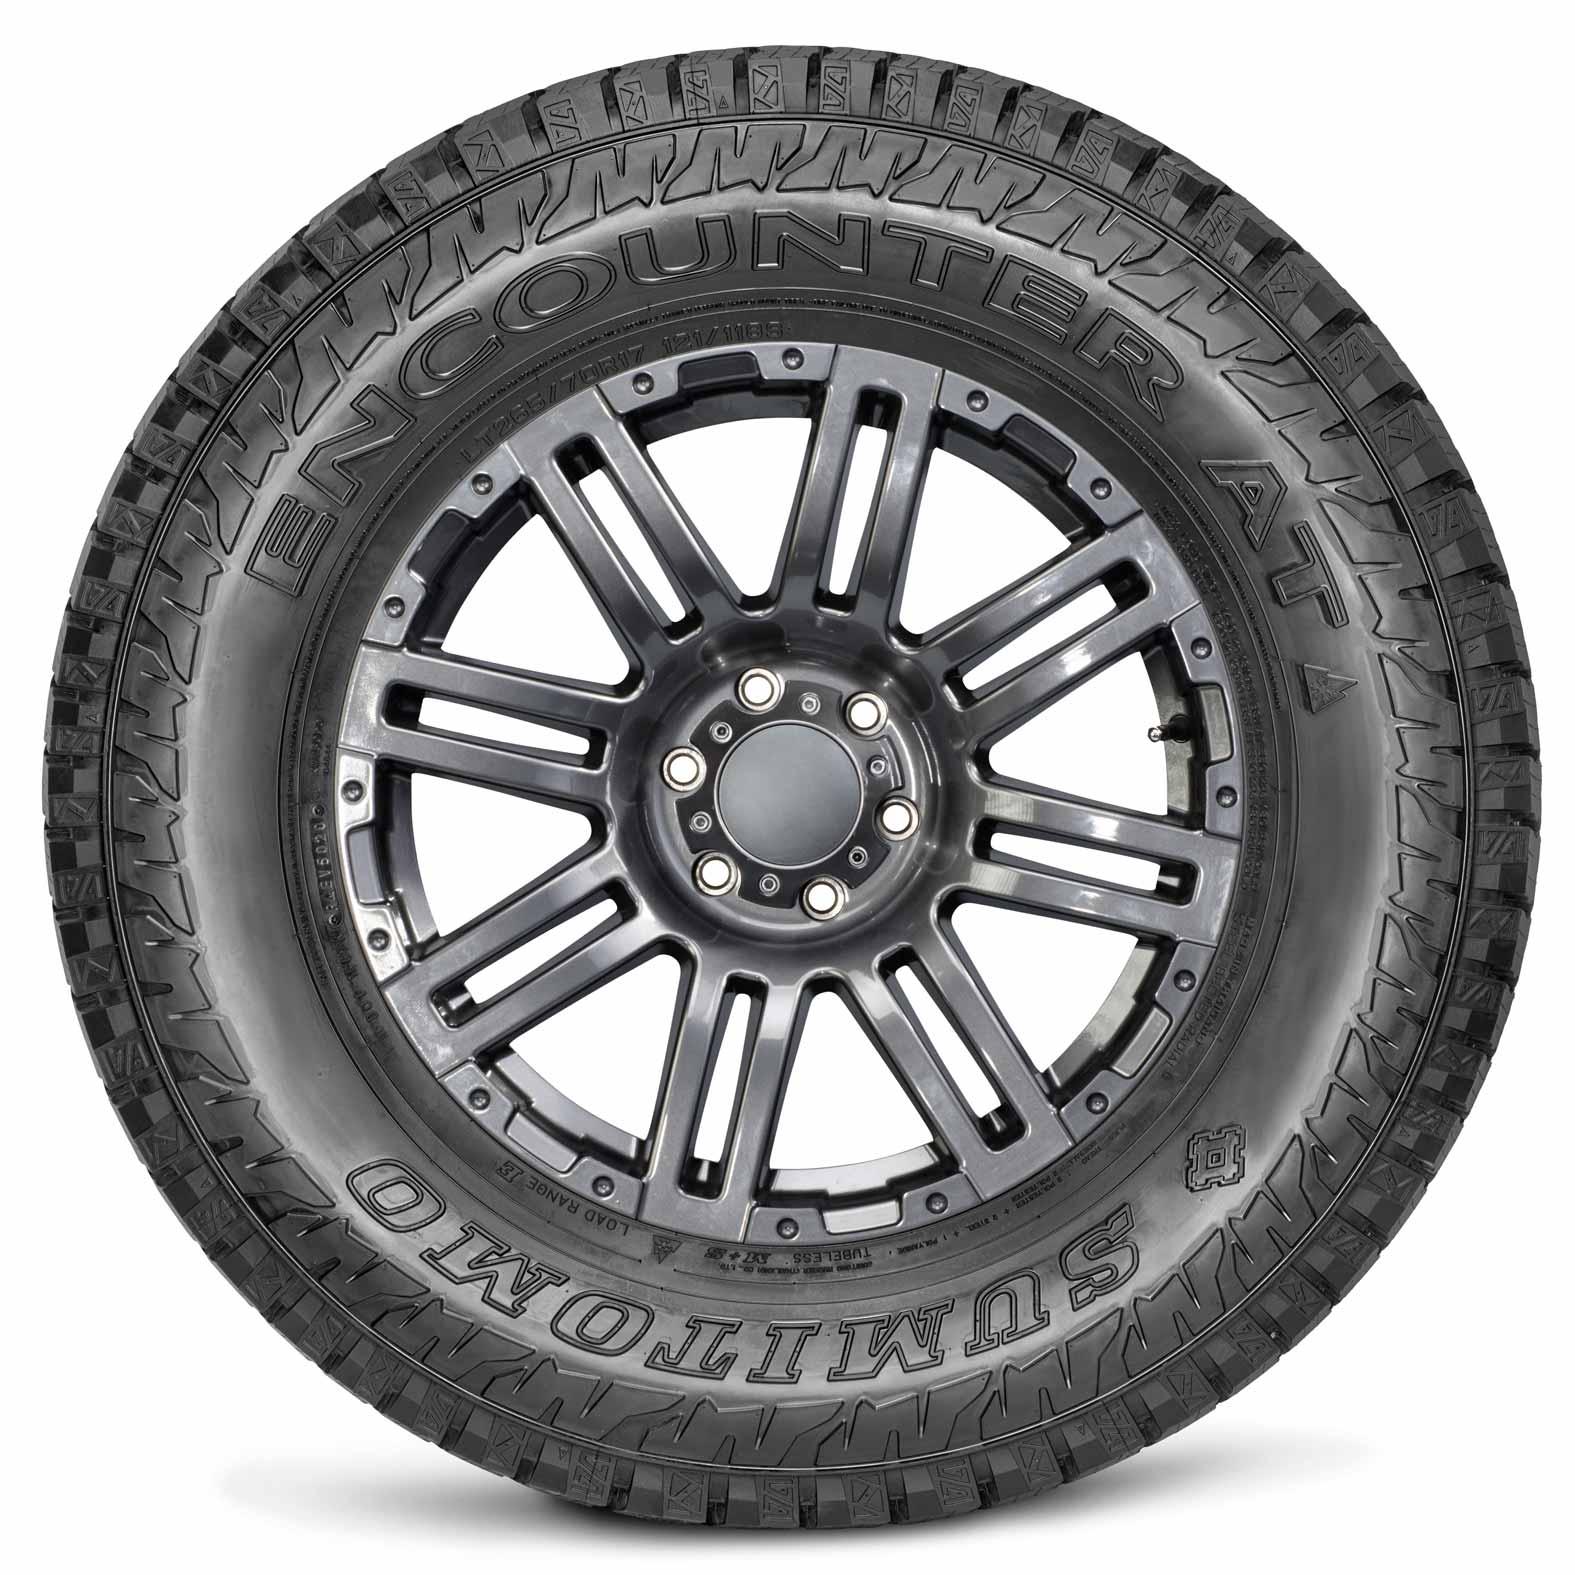 Sumitomo Encounter AT AT All Season Radial Tire-275//65R18 123S